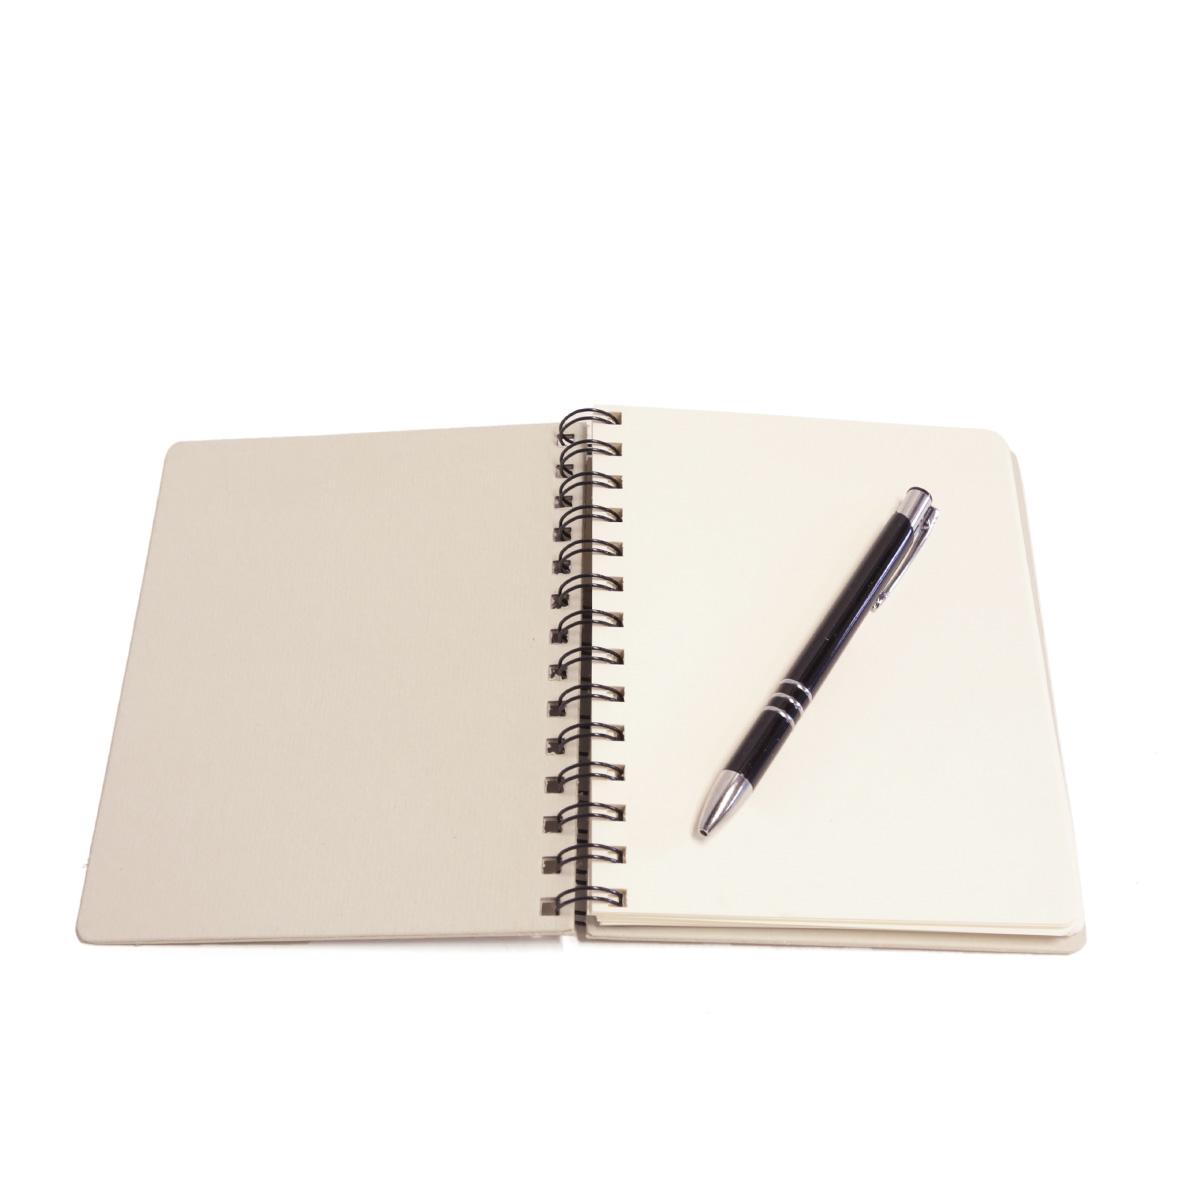 Caderno wire-o com caneta (Montana Rosé)